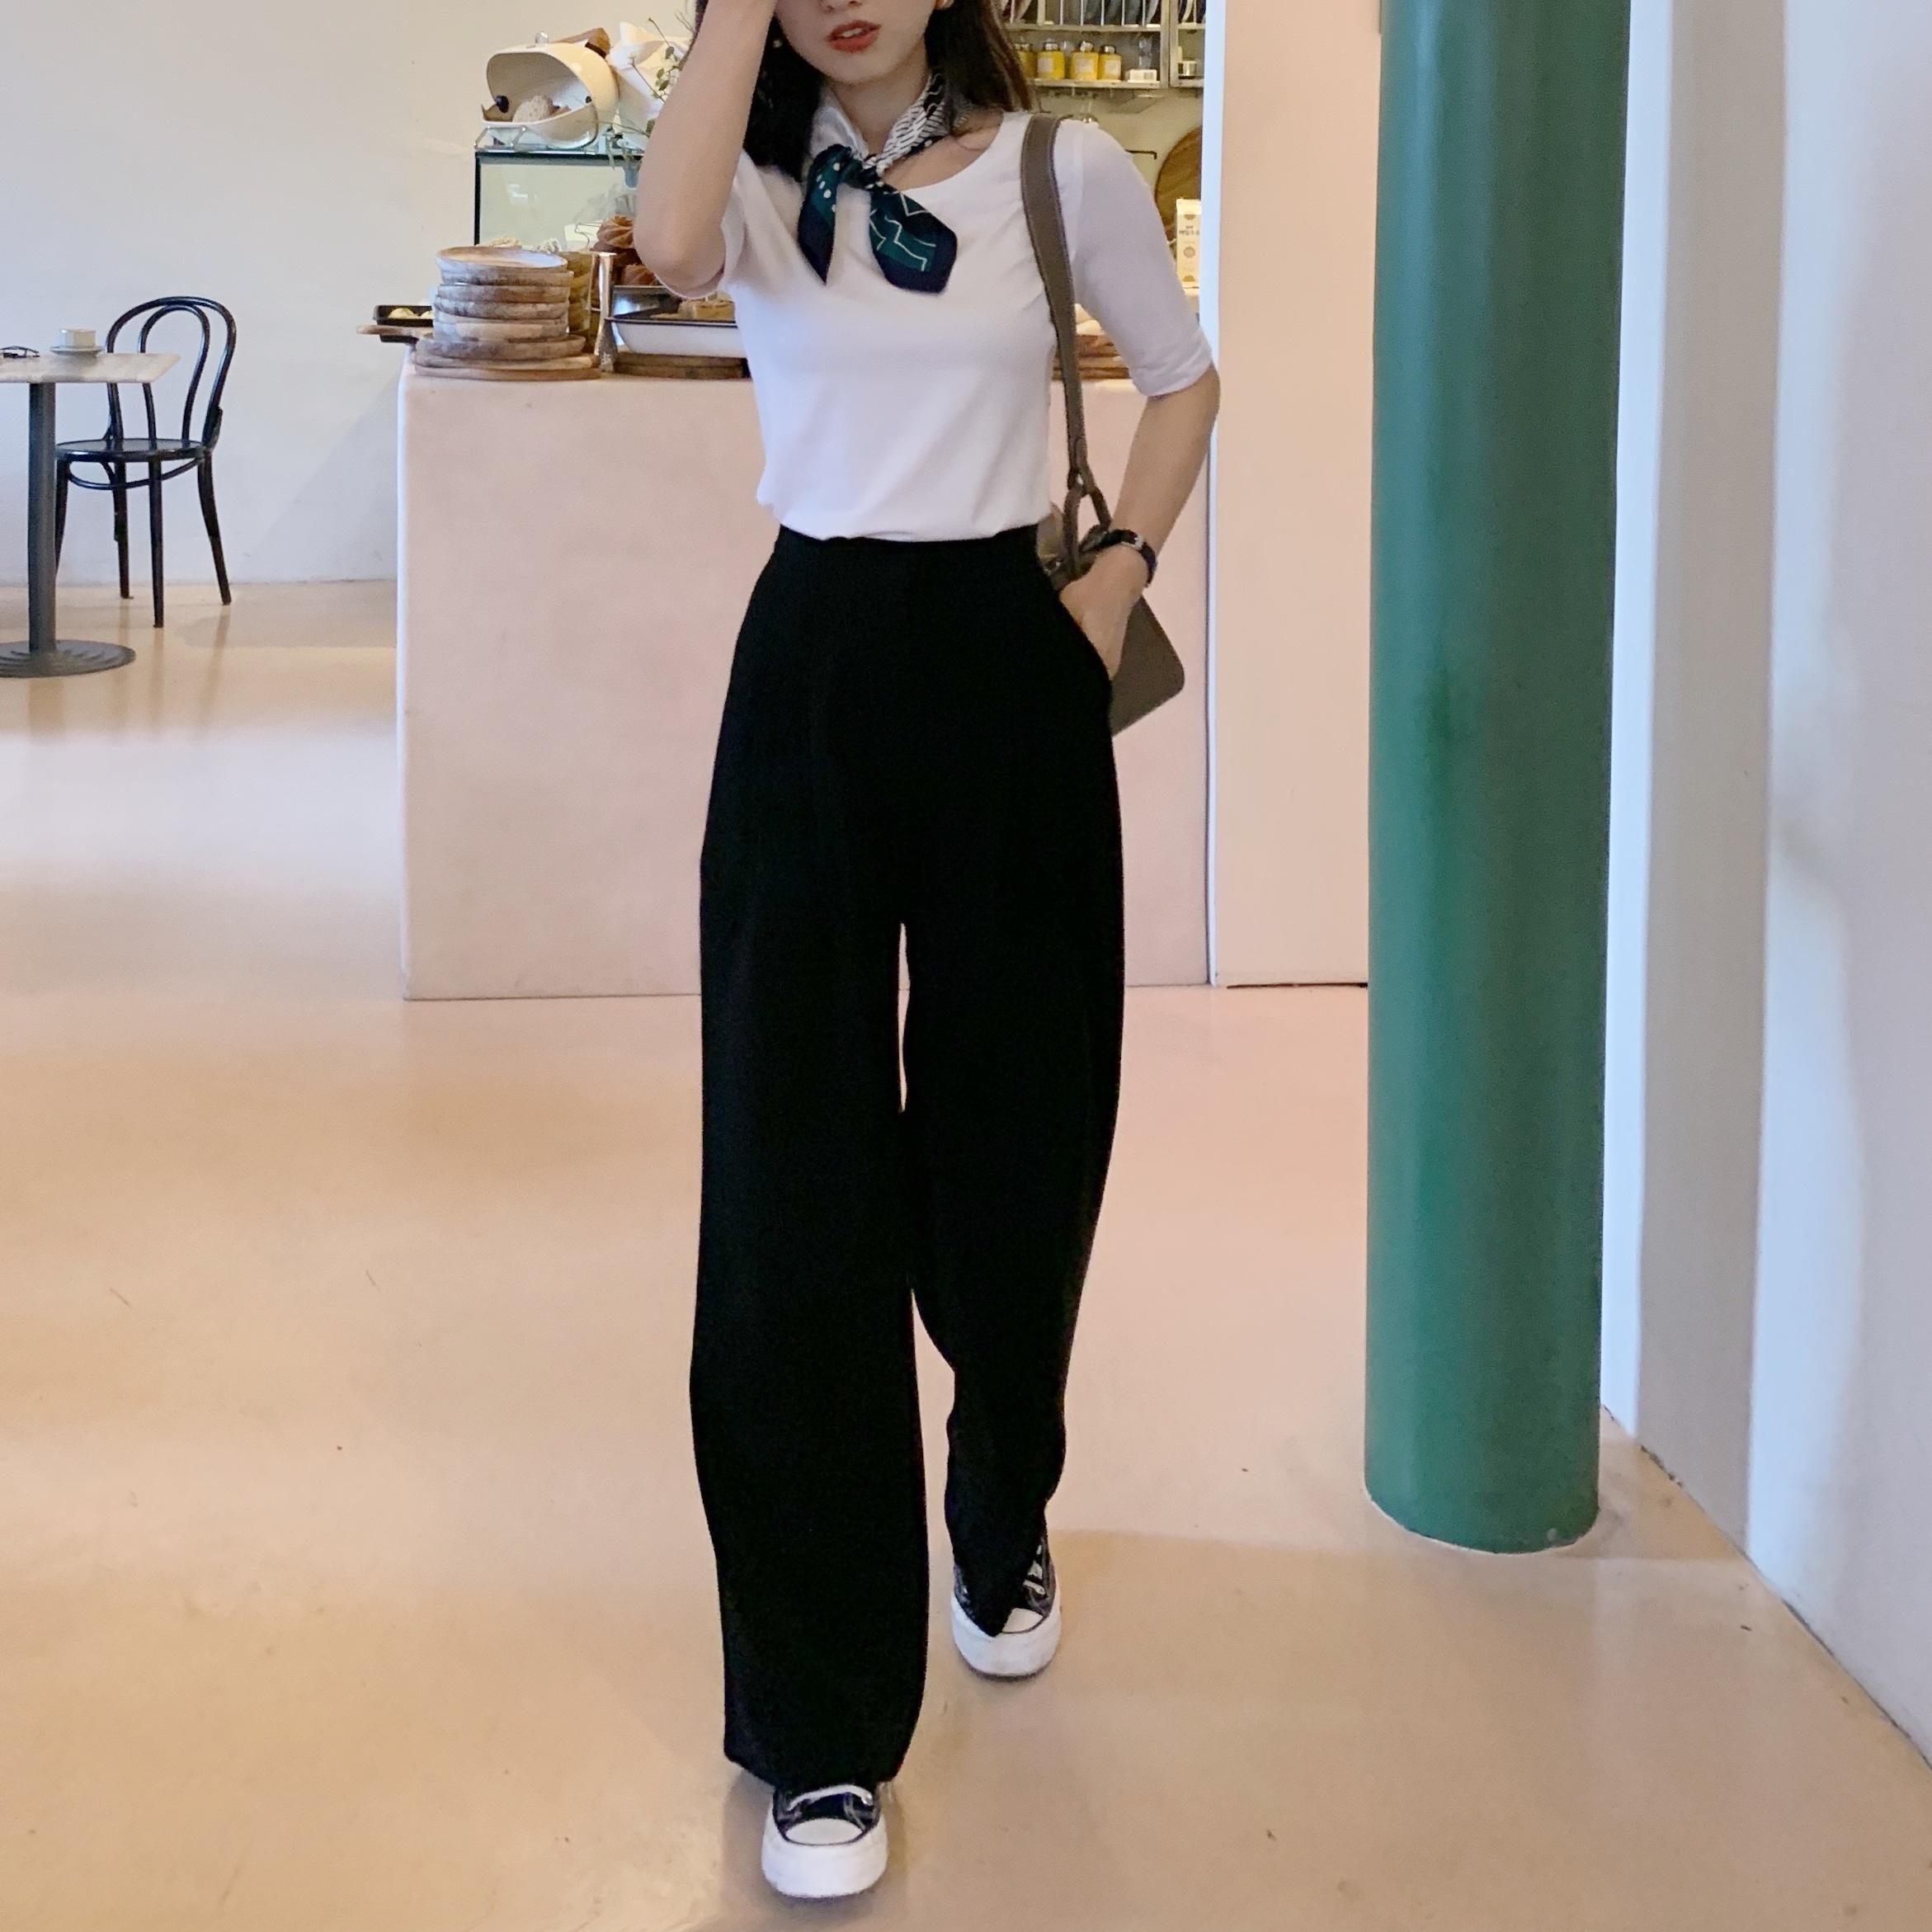 南瓜谷 黑色小西裤直筒高腰宽松显瘦休闲垂感百搭2020新款裤子女